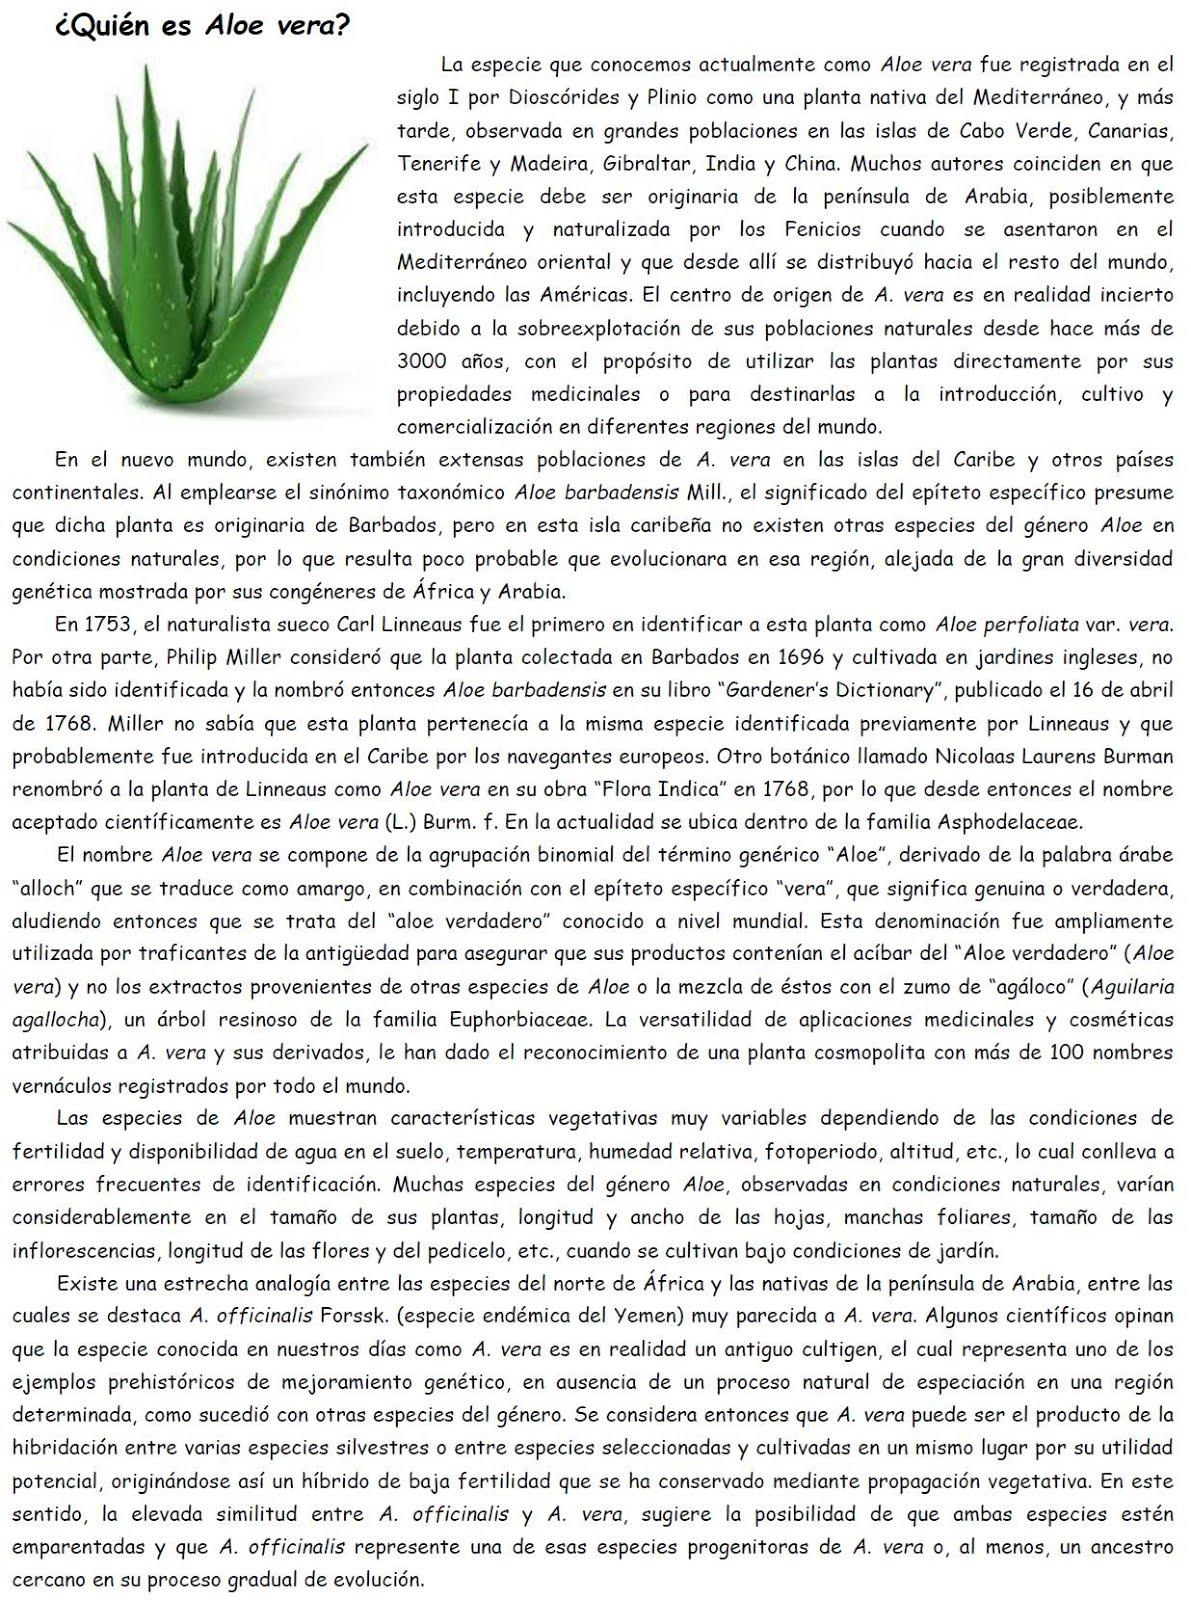 ¿Quién es Aloe vera?